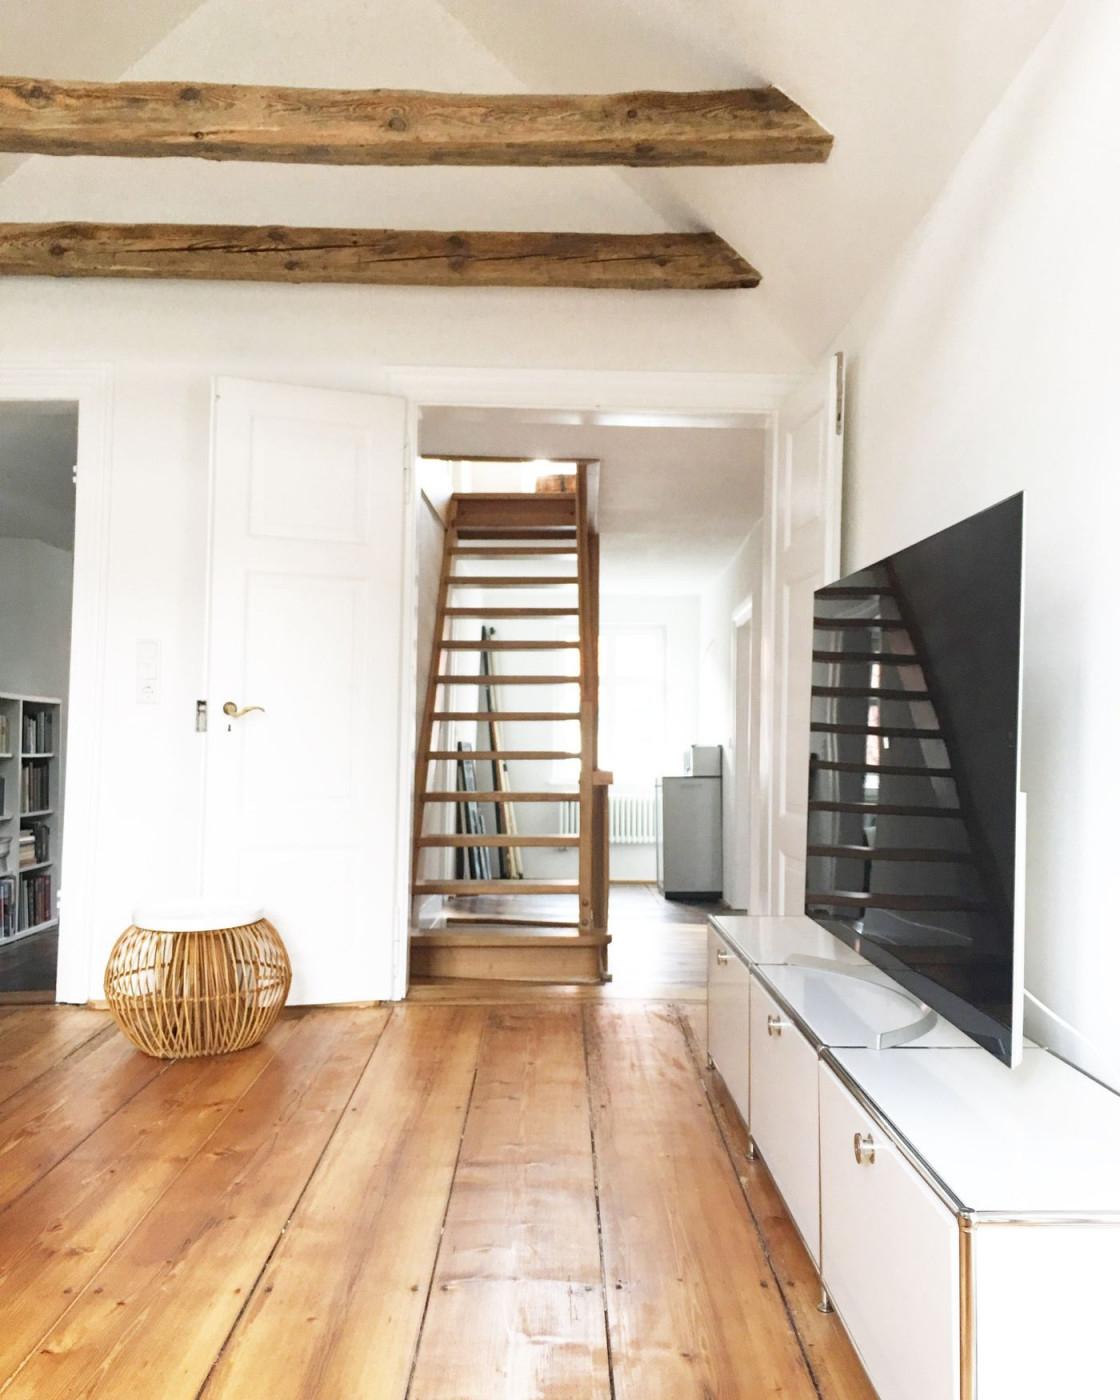 Ideen Für Deine Wohnung Im Dachgeschoss Mit Dachschrägen von Wohnzimmer Ideen Dachgeschoss Bild